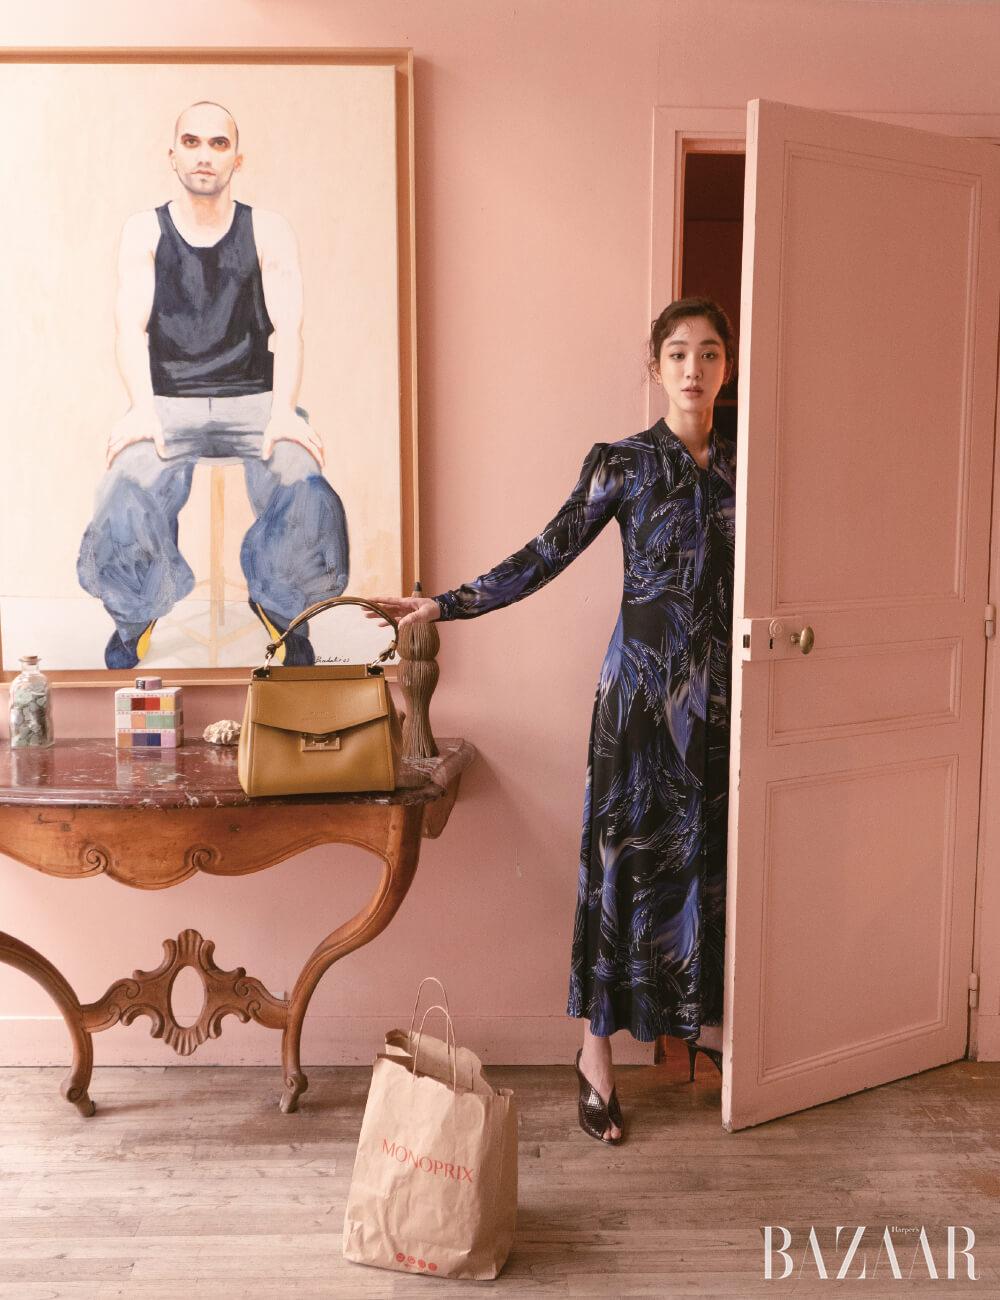 프린팅 롱 드레스, 토트백, 뮬은 모두 Givenchy.